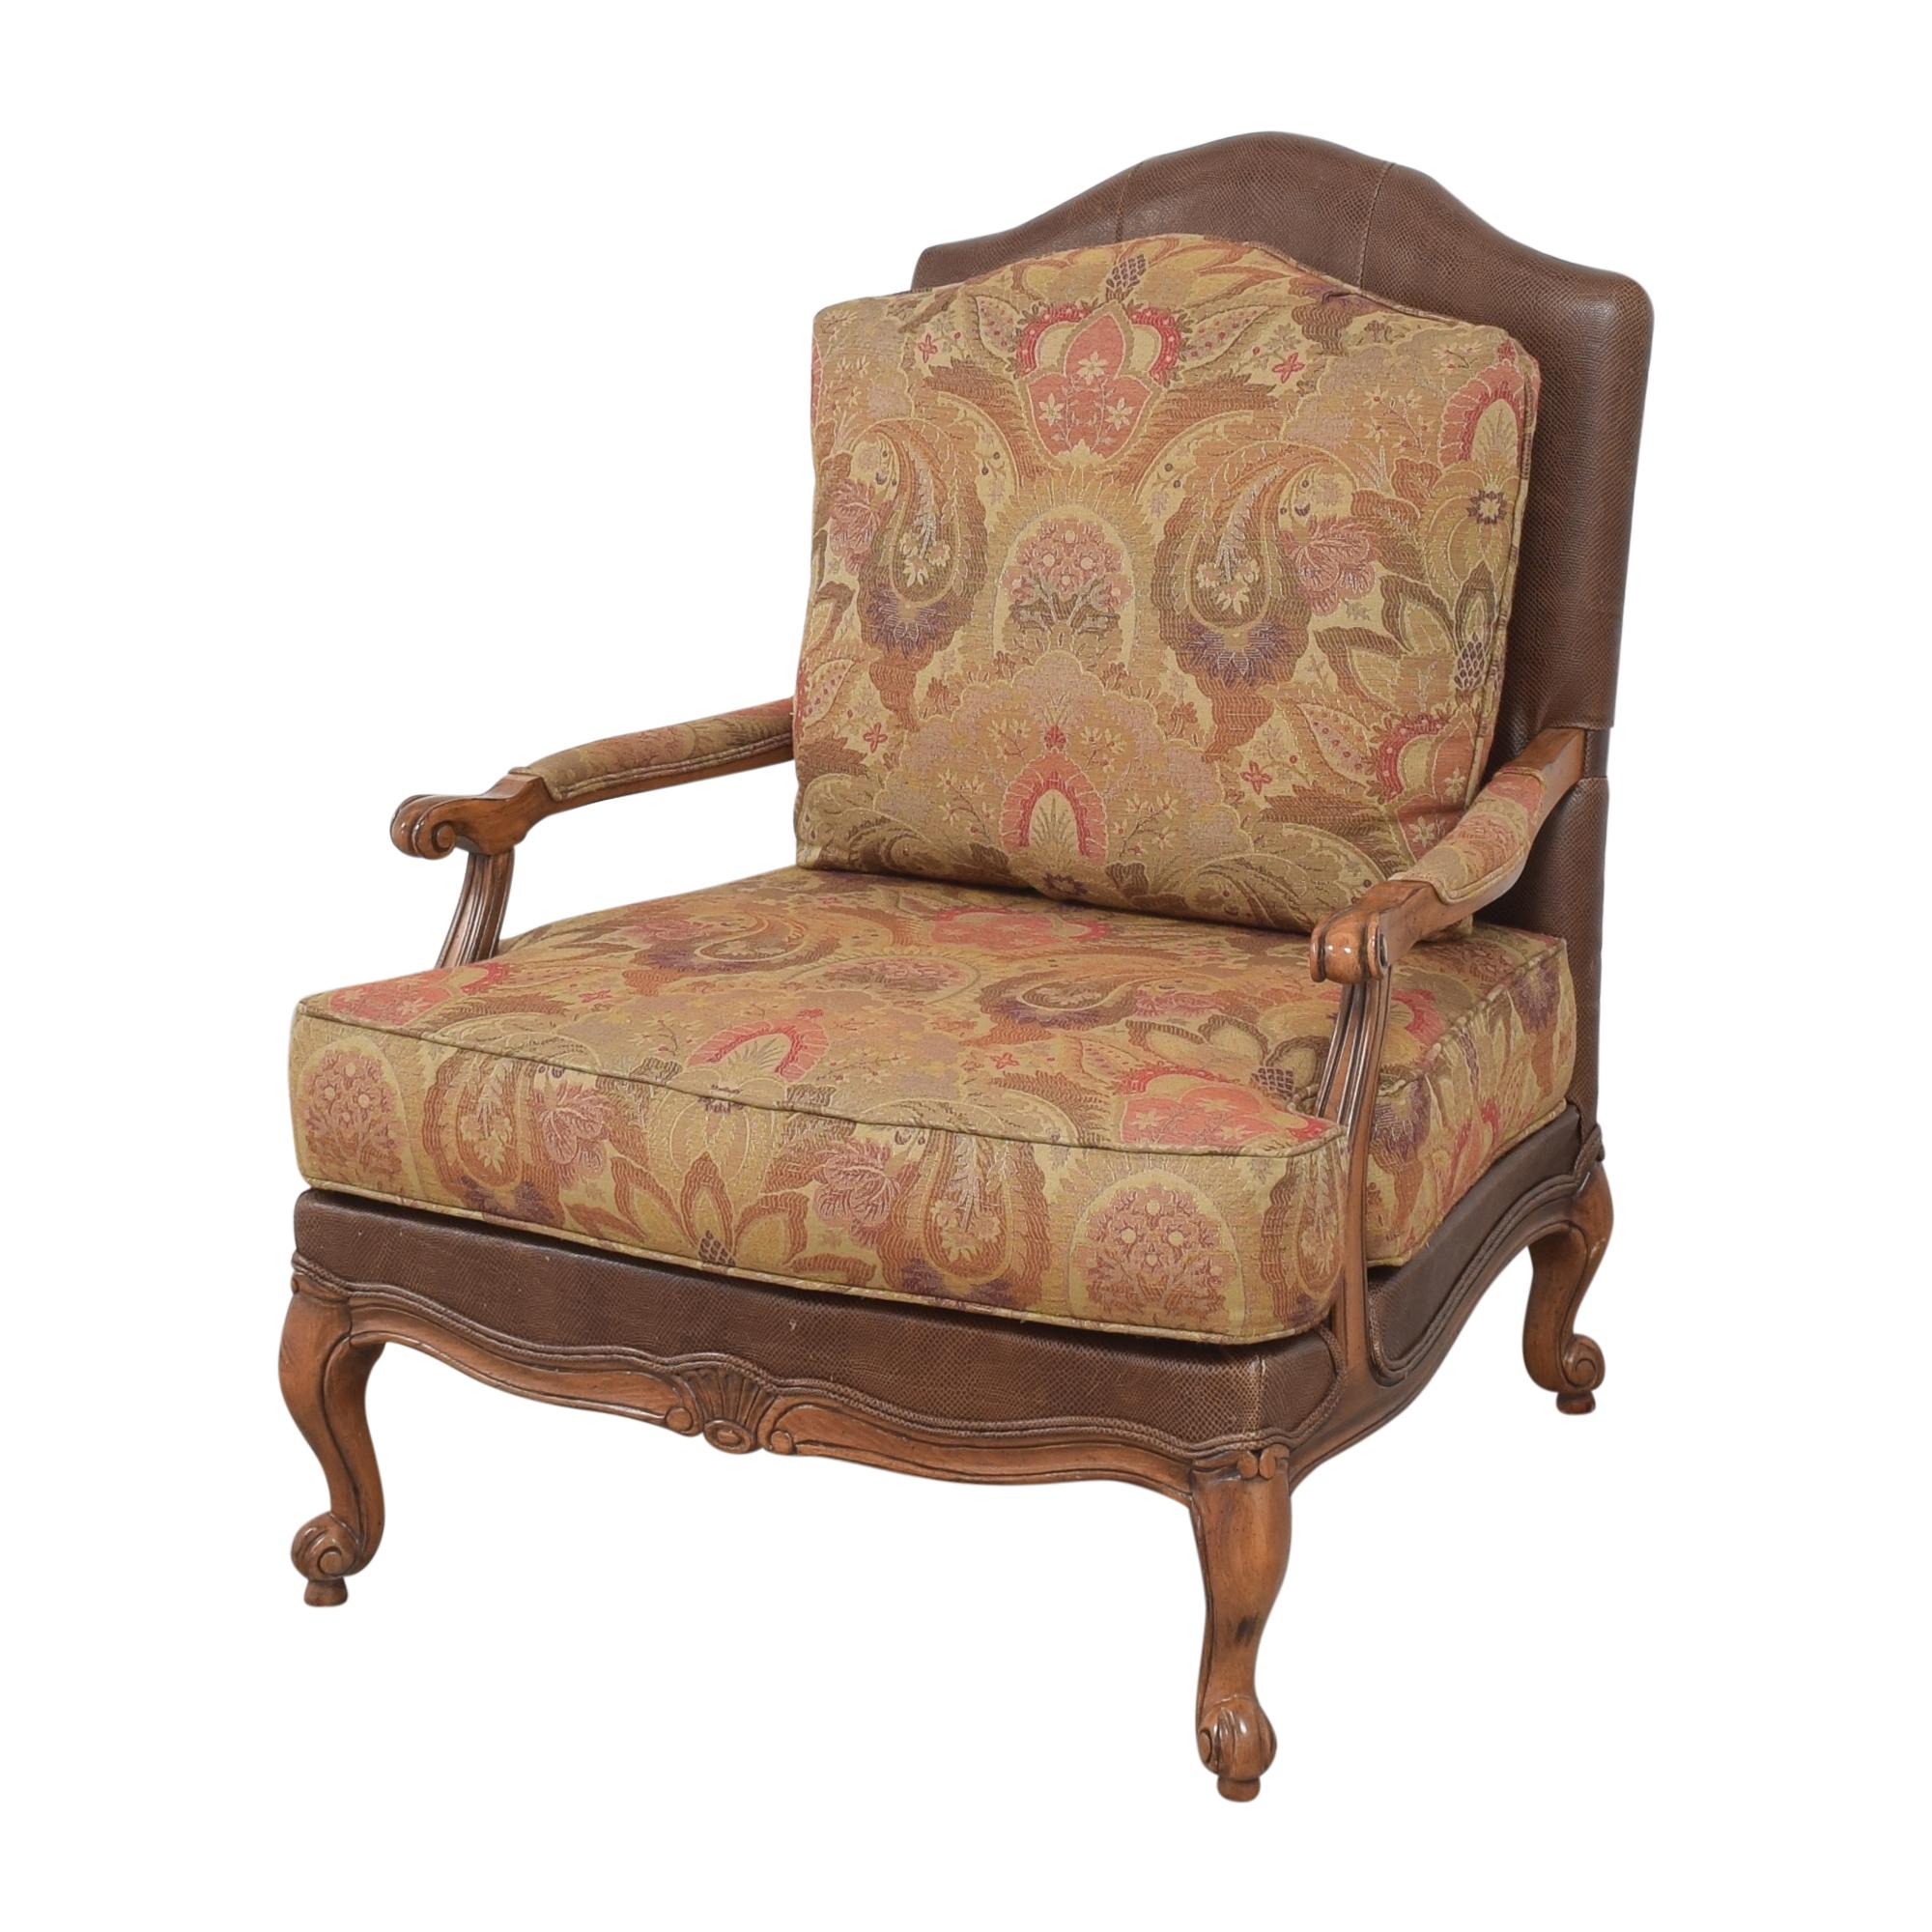 Ethan Allen Ethan Allen Harris Chair price